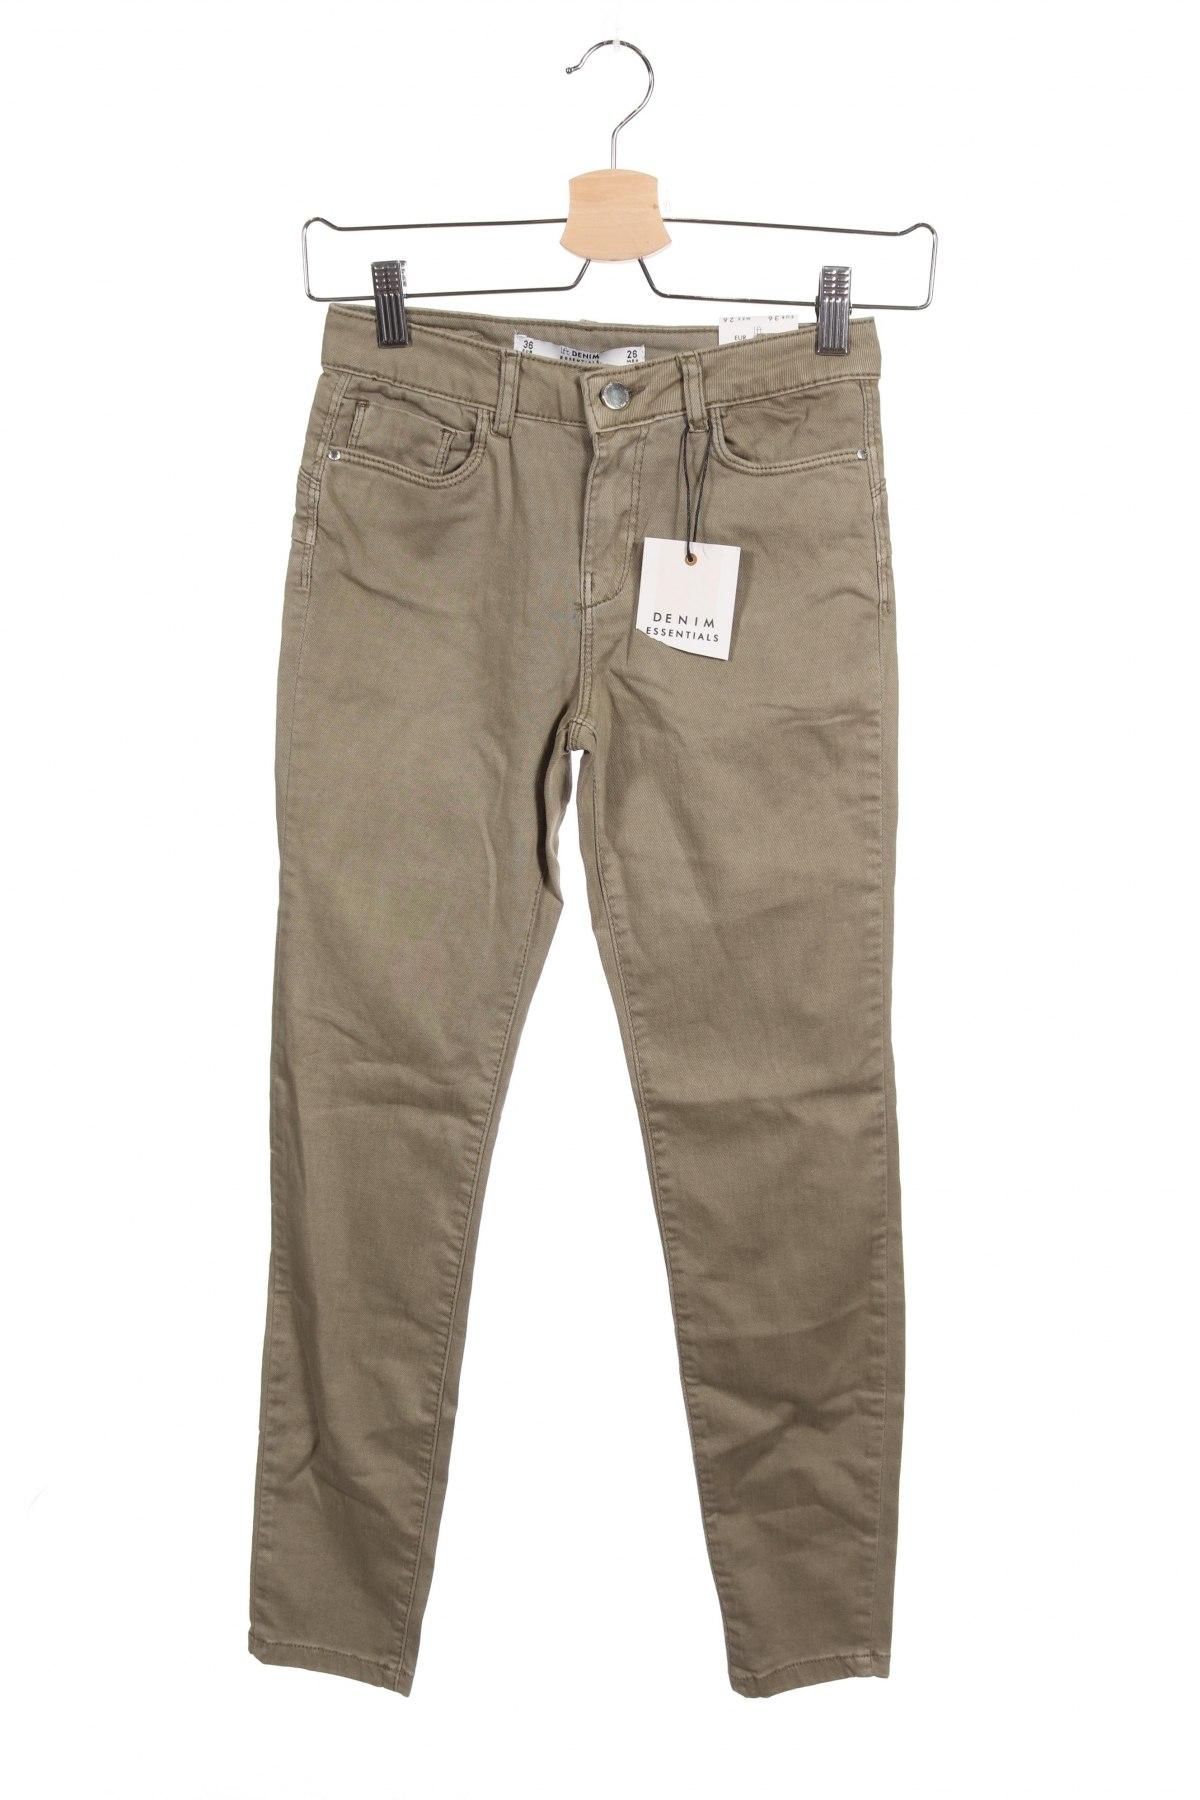 Дамски дънки Lefties, Размер XS, Цвят Зелен, 98% памук, 2% еластан, Цена 12,11лв.